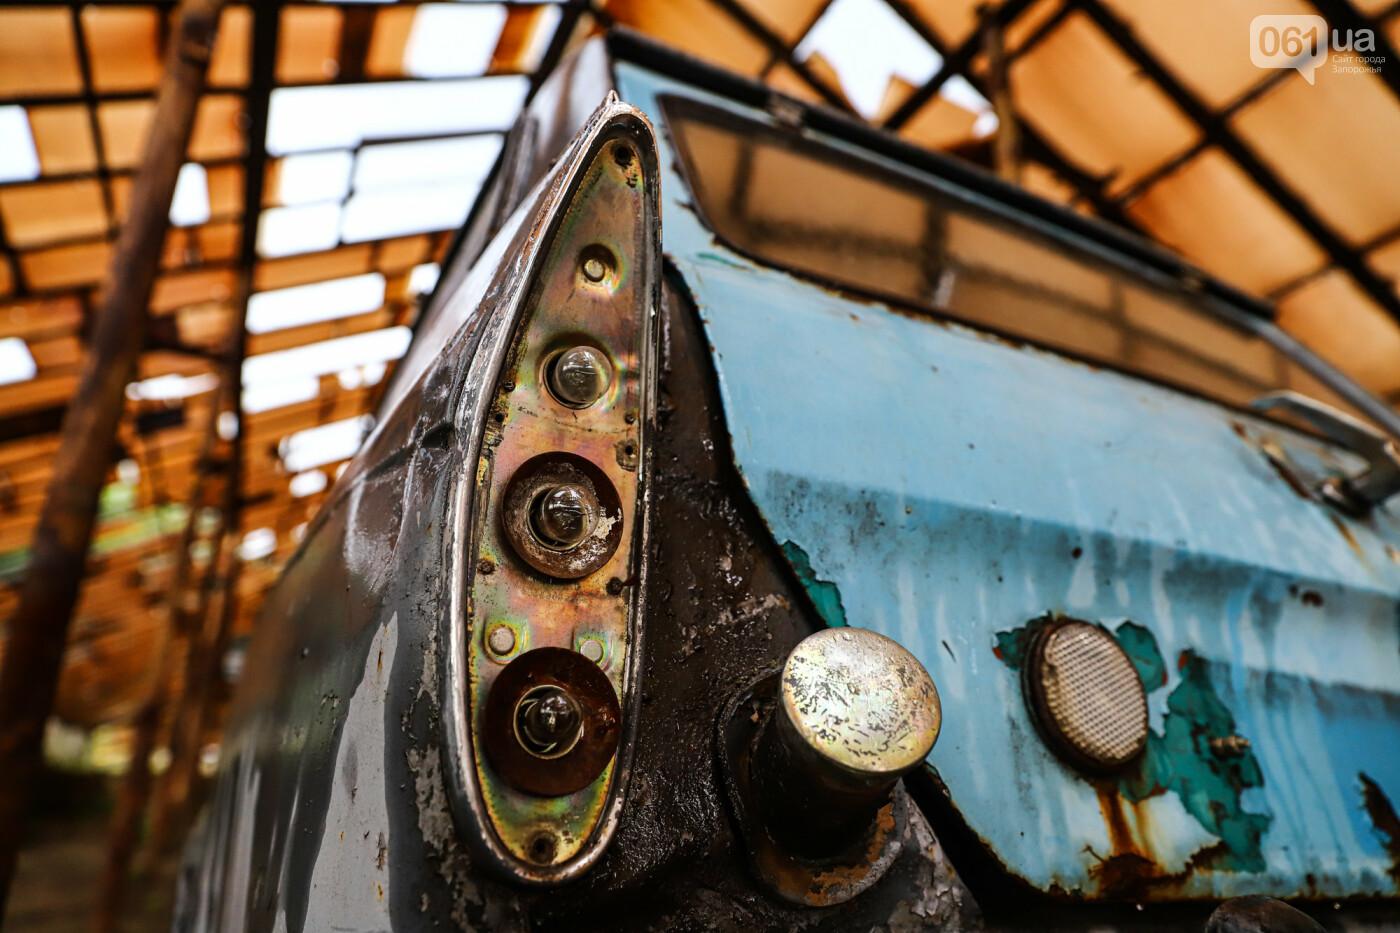 В Запорожье на месте зеленхоза одного из заводов появится Музей специального транспорта, - ФОТОРЕПОРТАЖ, фото-42